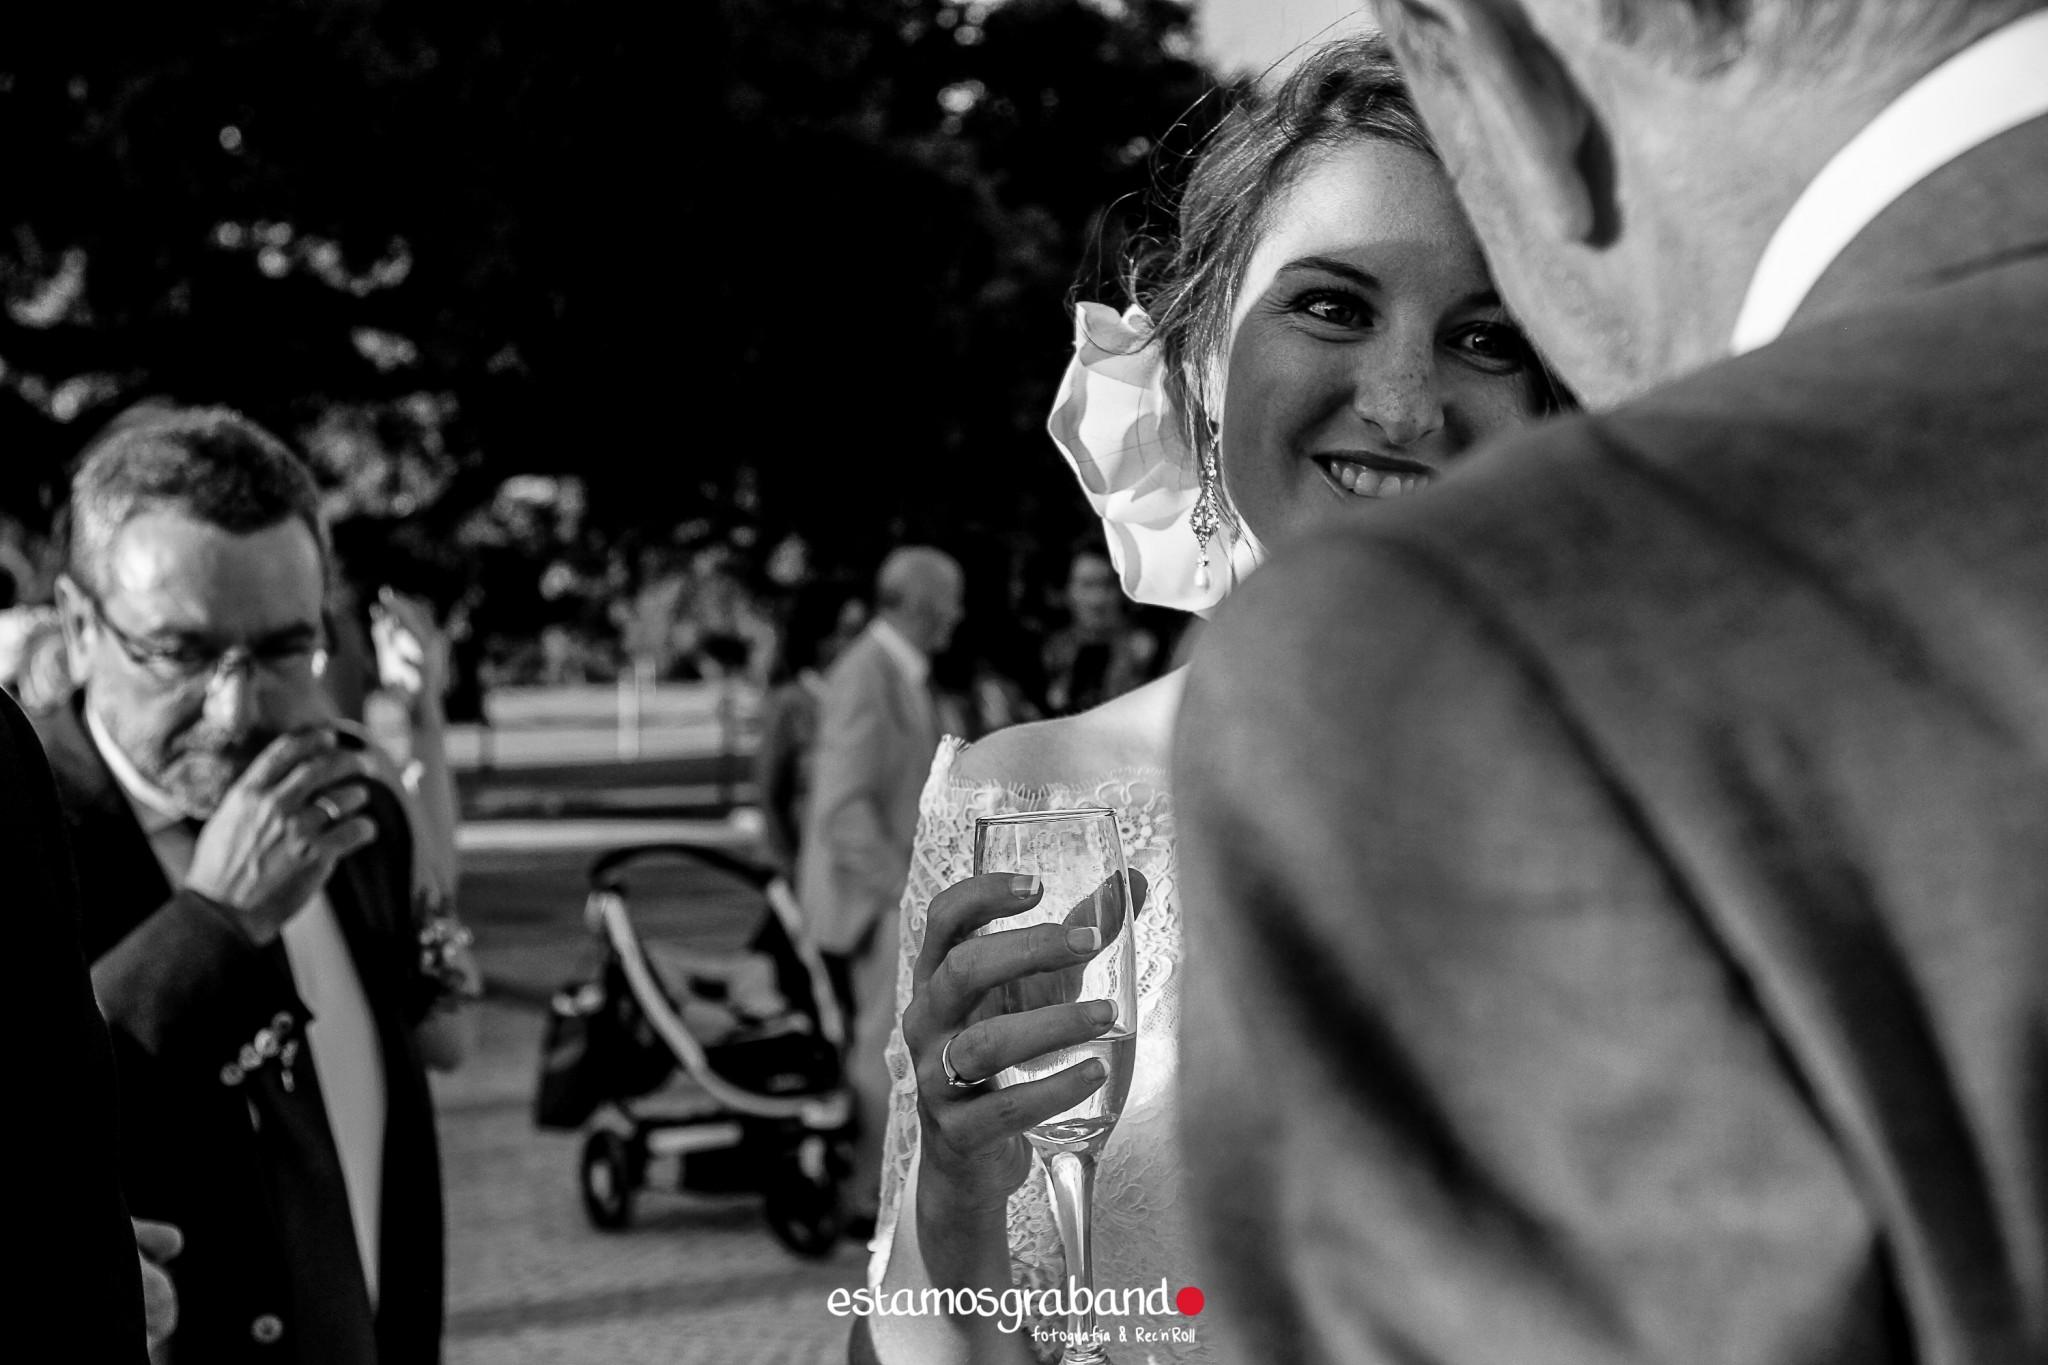 bee-y-juan-15 La boda de Braveheart (Spanish version)_Vee & Juan - video boda cadiz